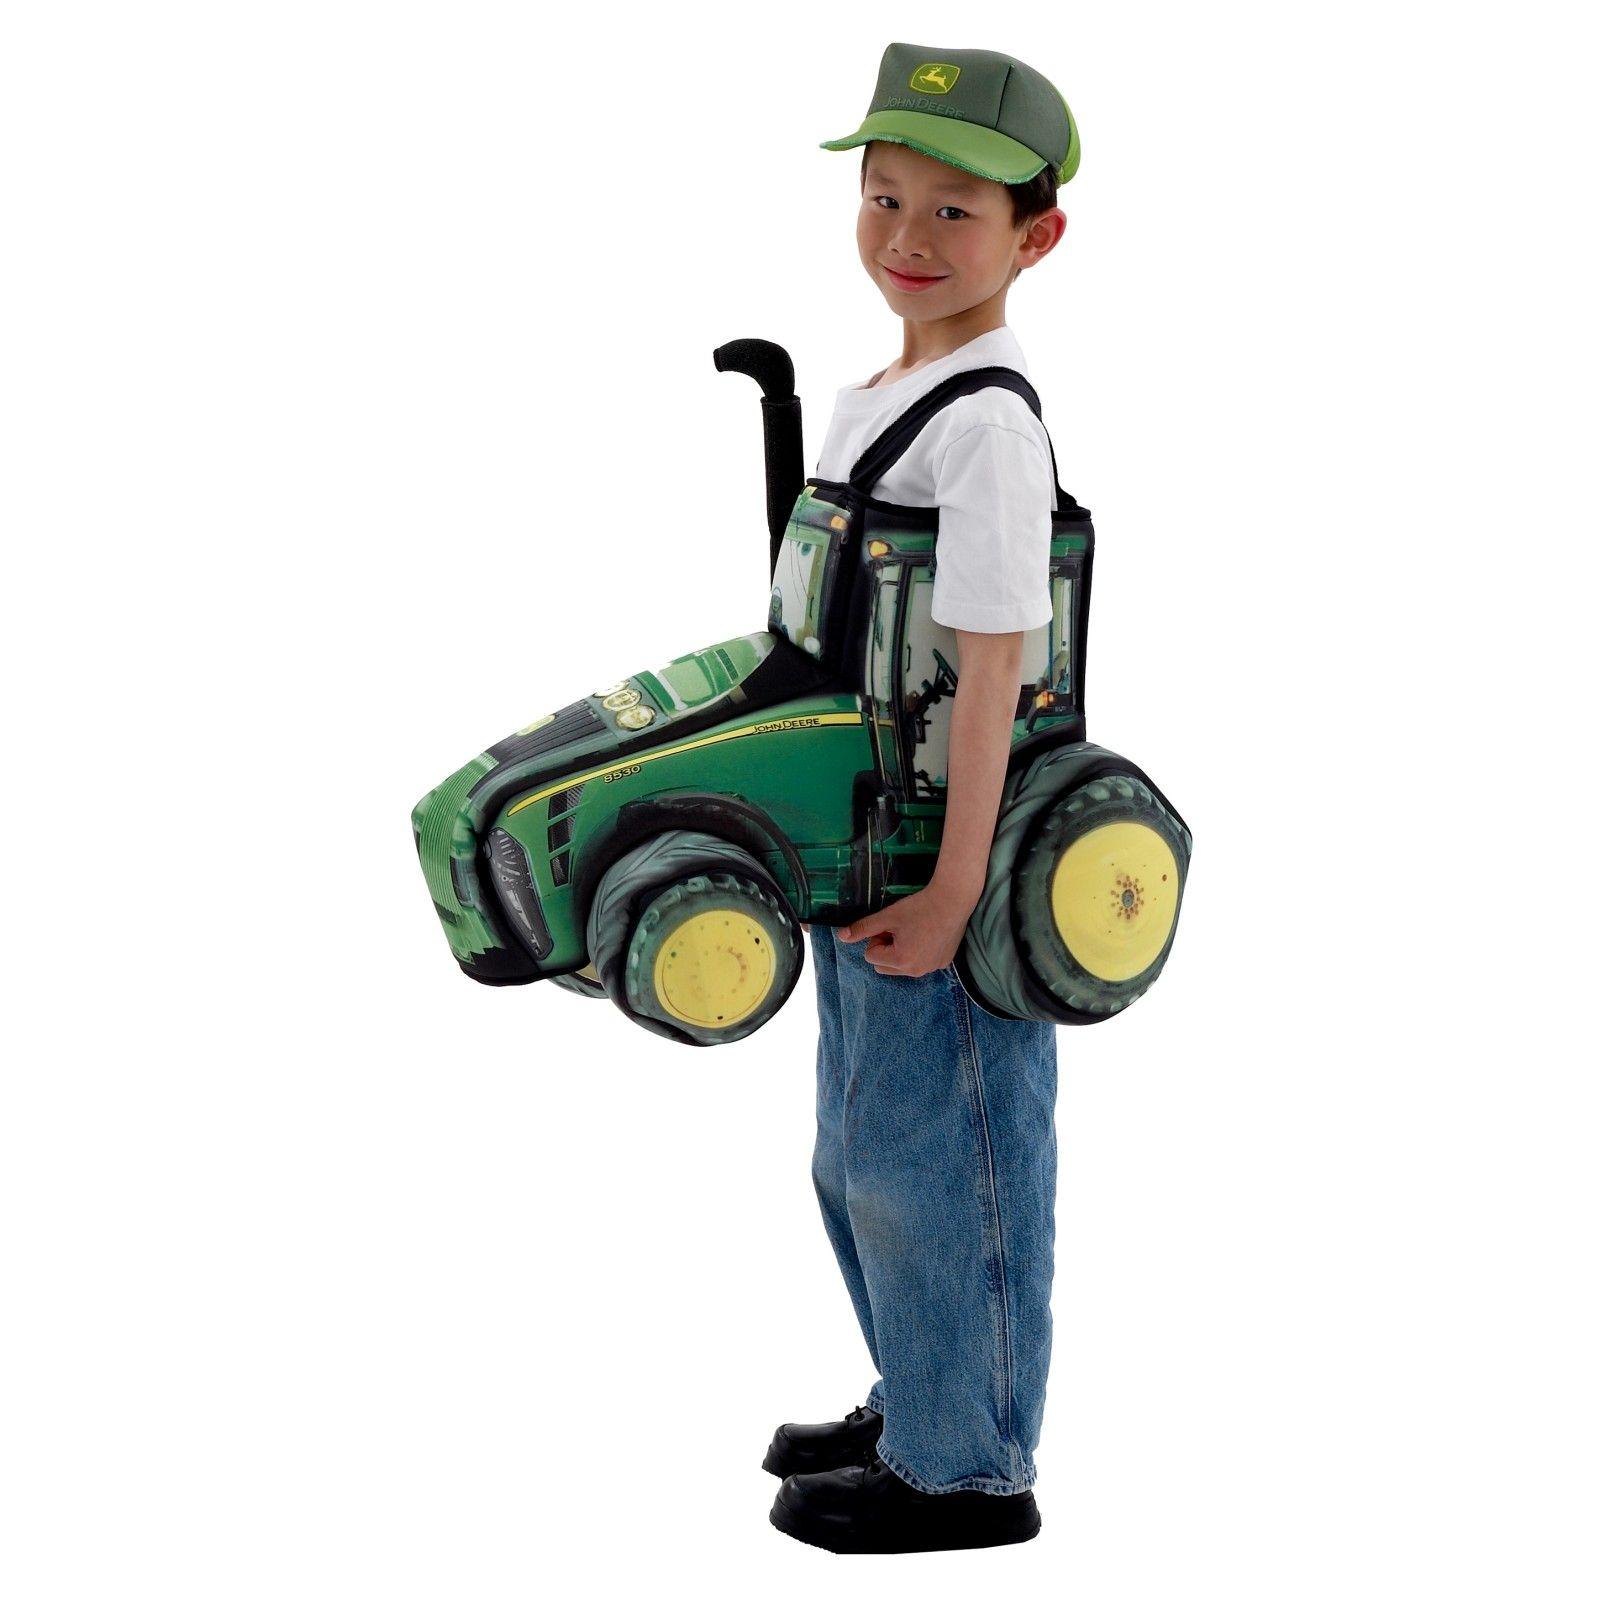 very creative john deere tractor halloween costume. | john deere